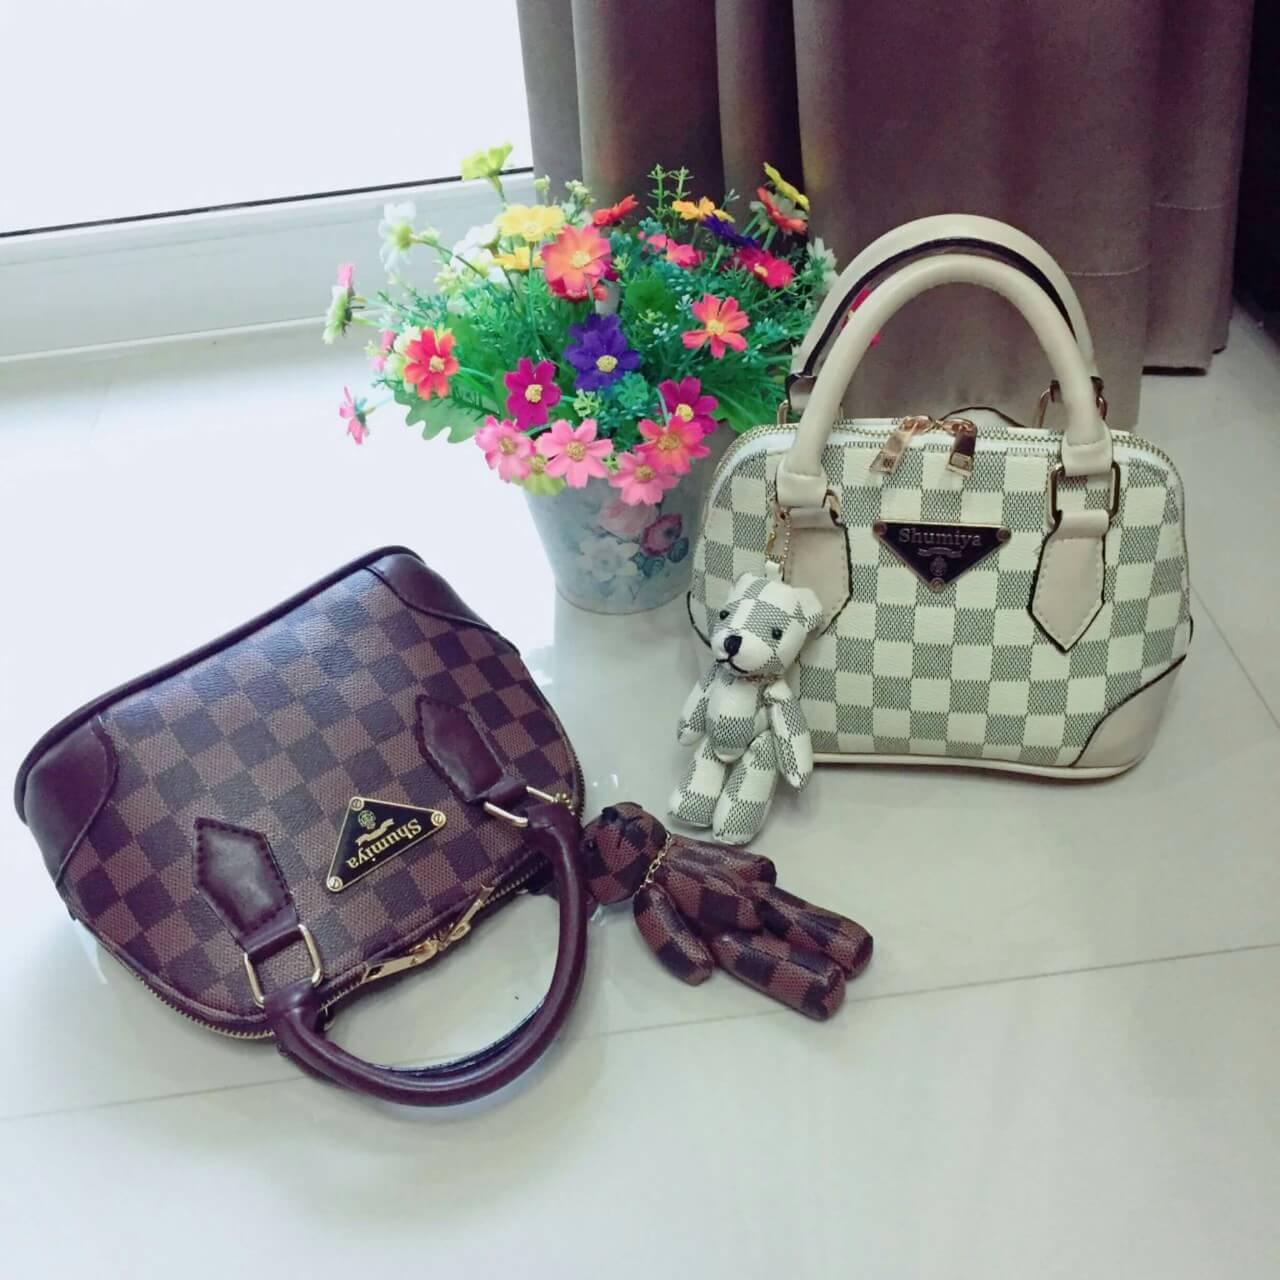 กระเป๋าแฟชั่น style Louis Vitton